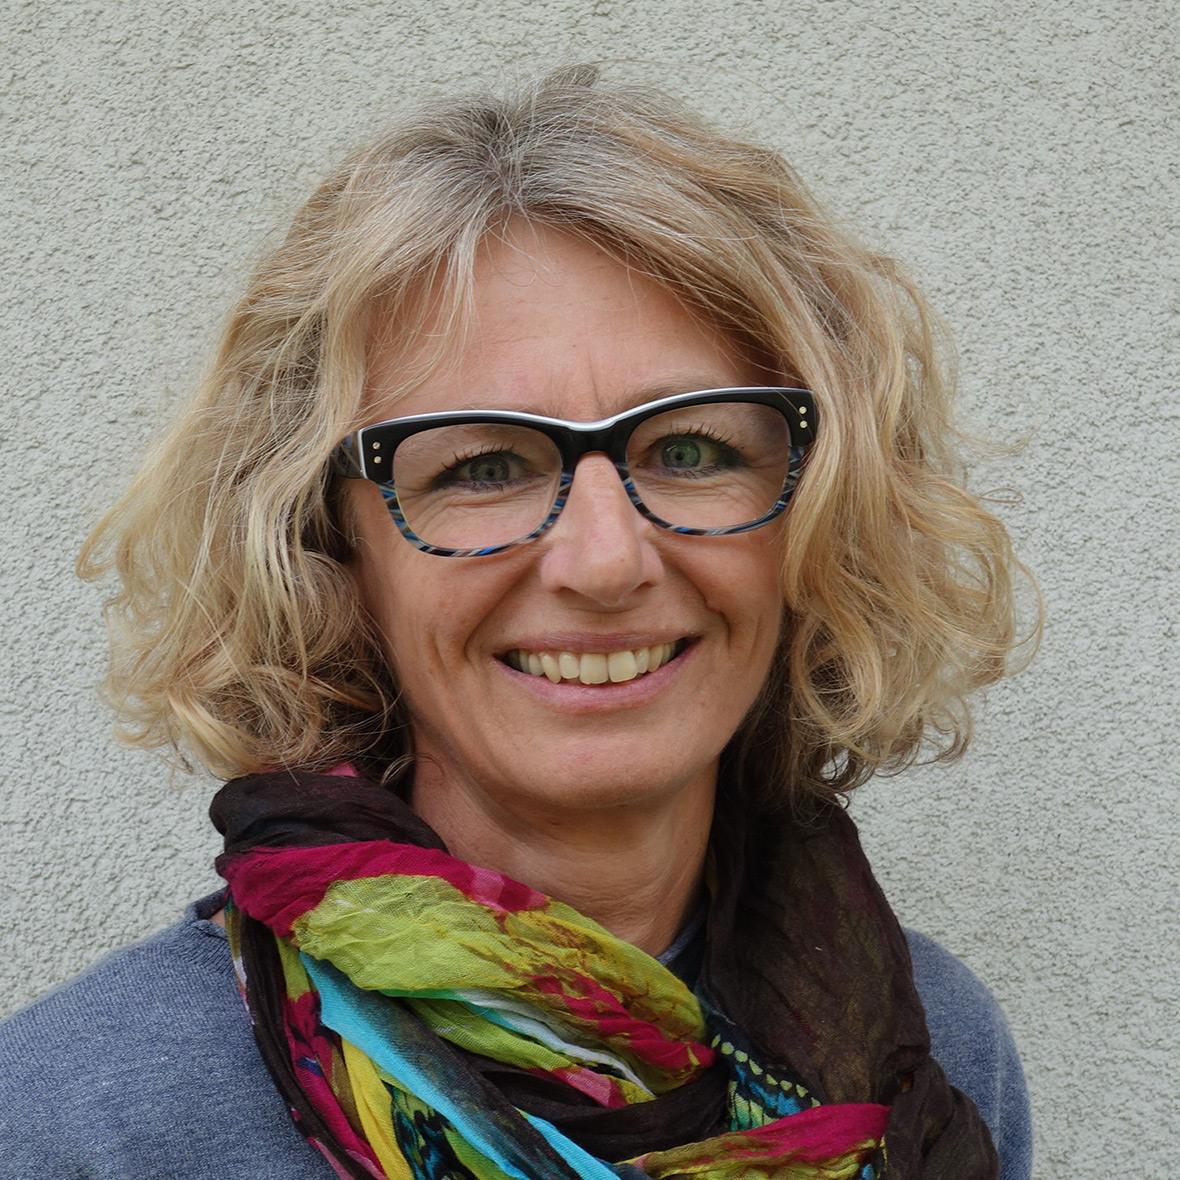 Gaisberger Astrid2019